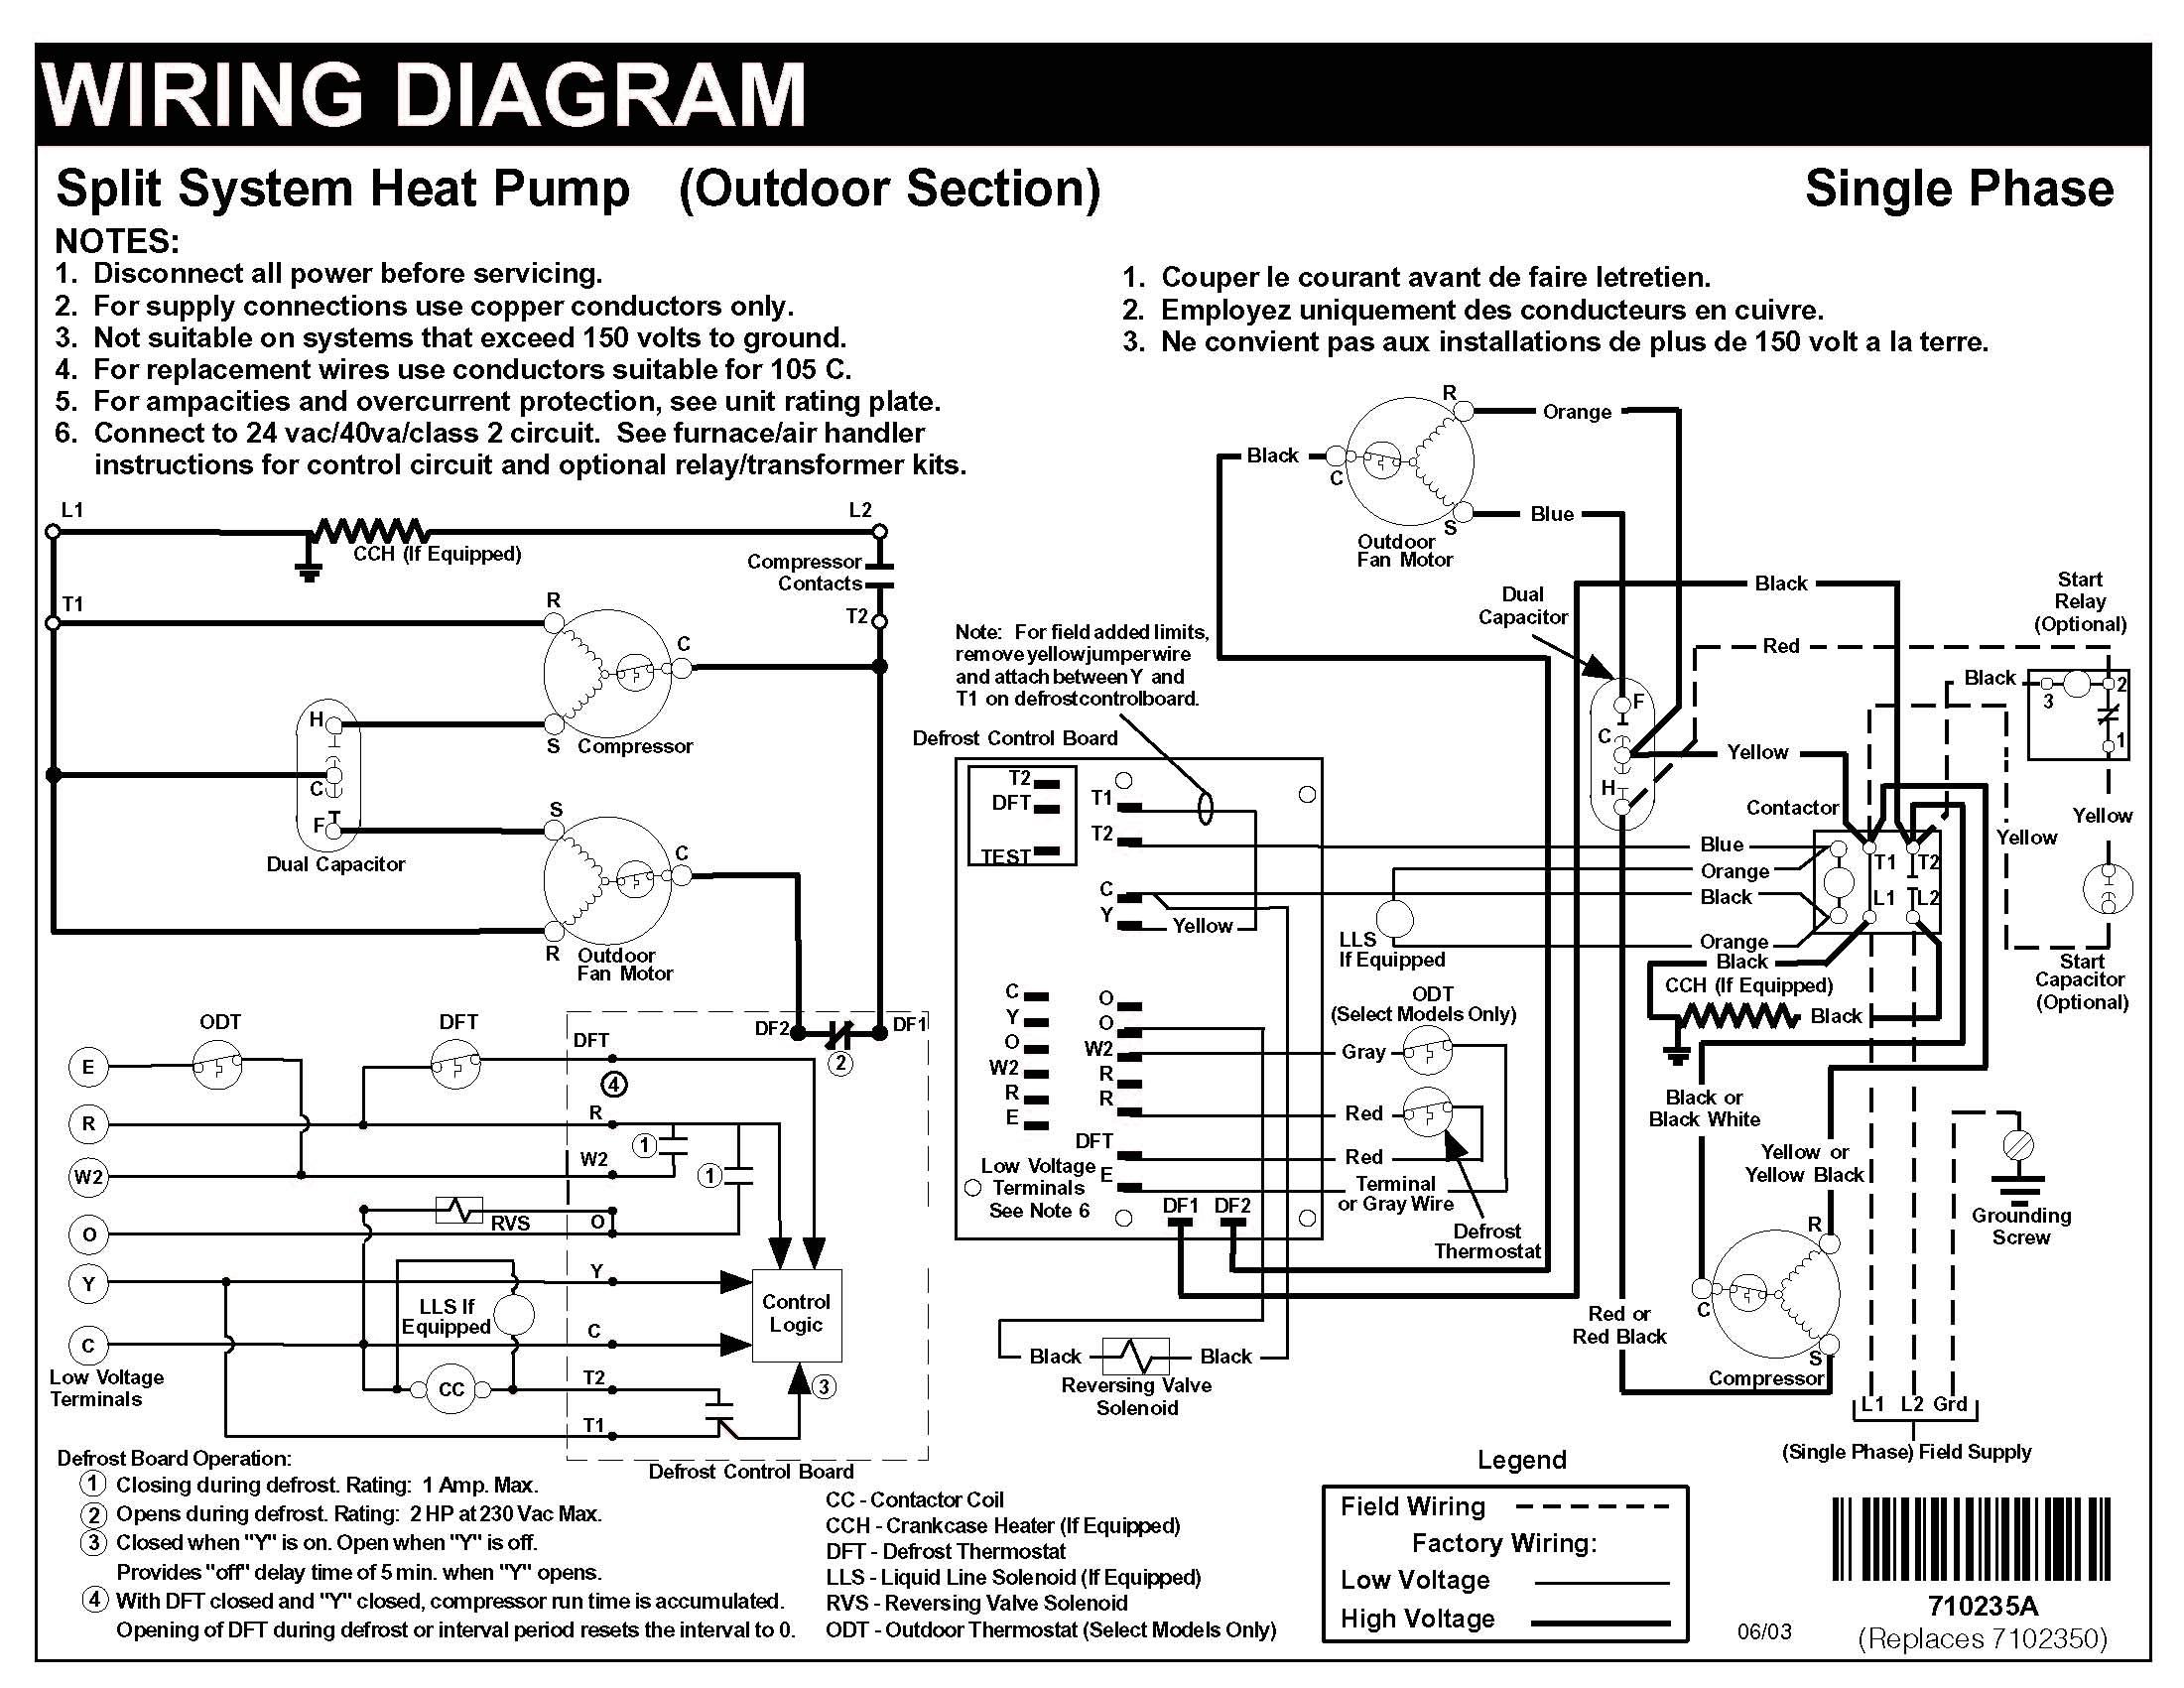 Hvac Heater Wiring Diagram | Schematic Diagram - 5 Wire To 4 Wire Trailer Wiring Diagram